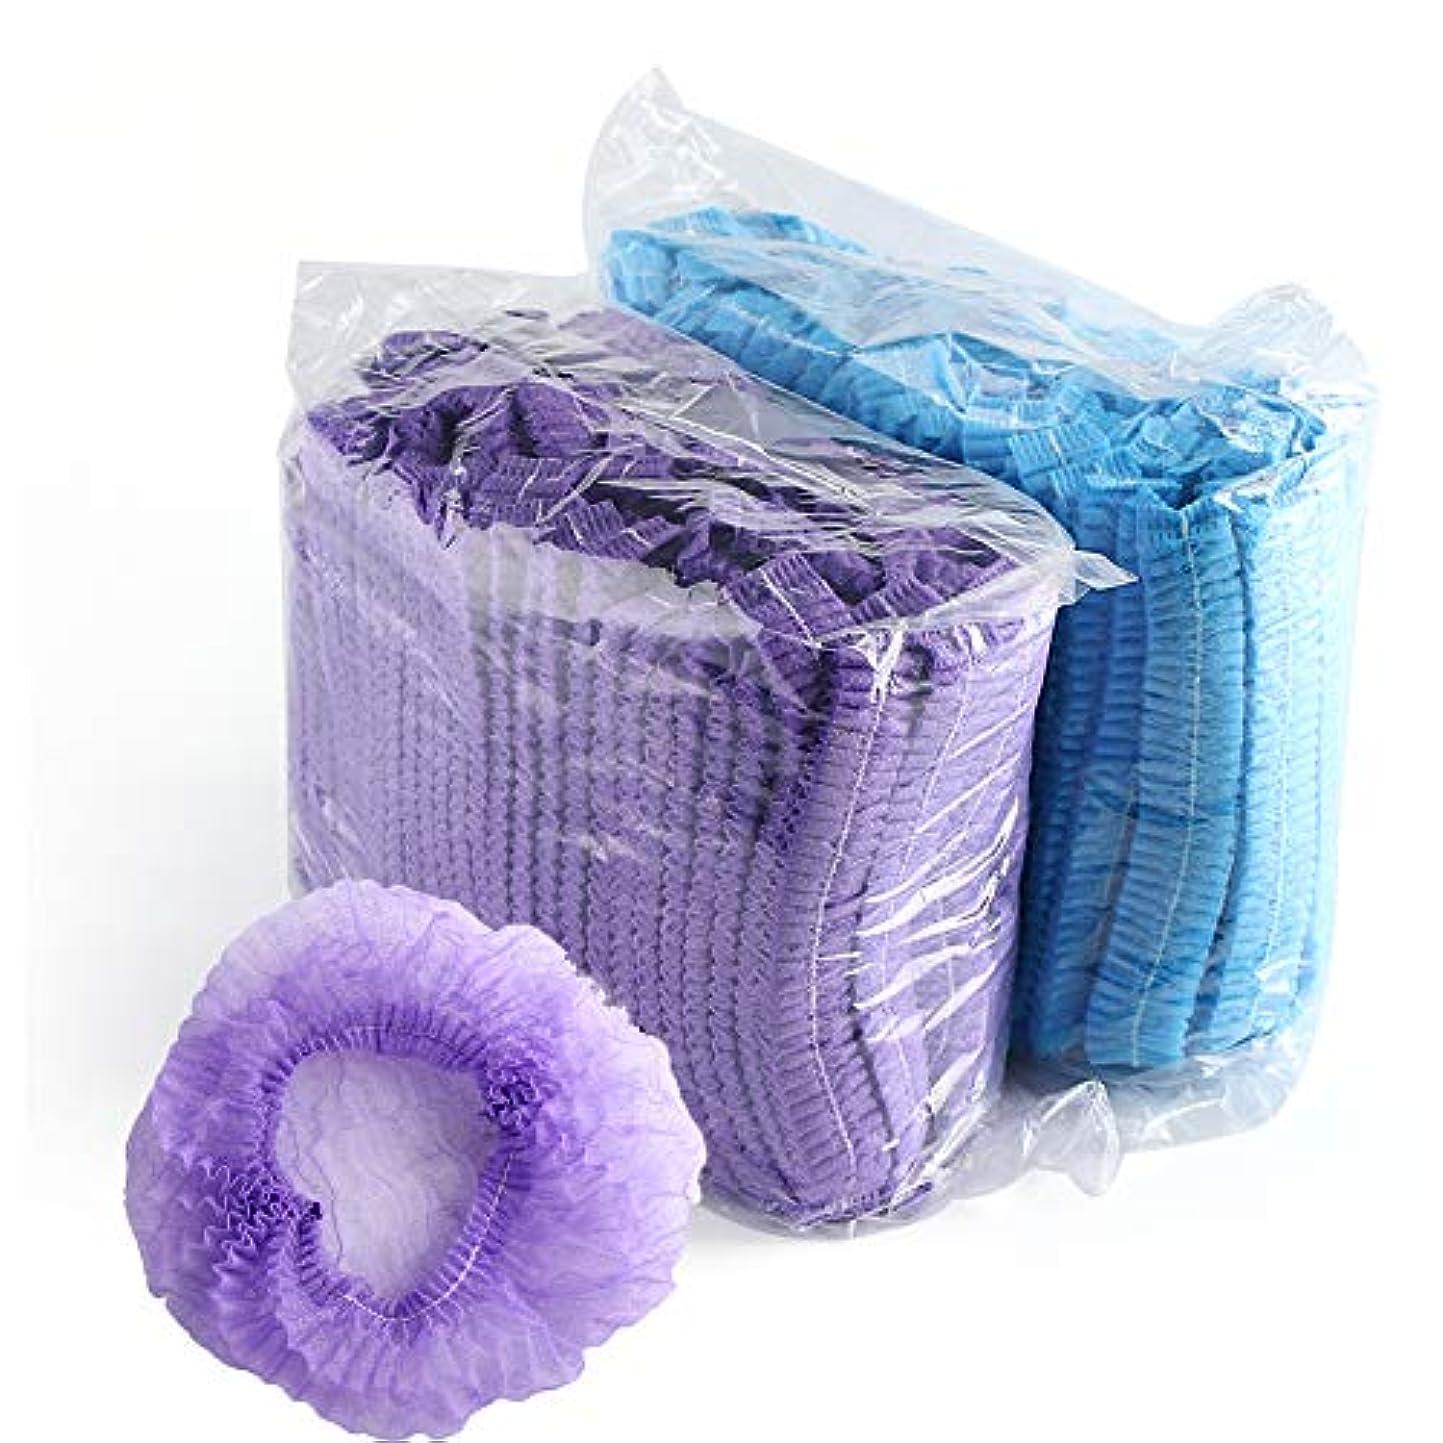 ウィスキー思慮深いウィンク100ピース使い捨てストリップシャワーキャップ不織布シャワーキャップホテルシャワーキャップ染めヘアキャップ防水クリーニング美容サロンタトゥー帽子 (Blue)